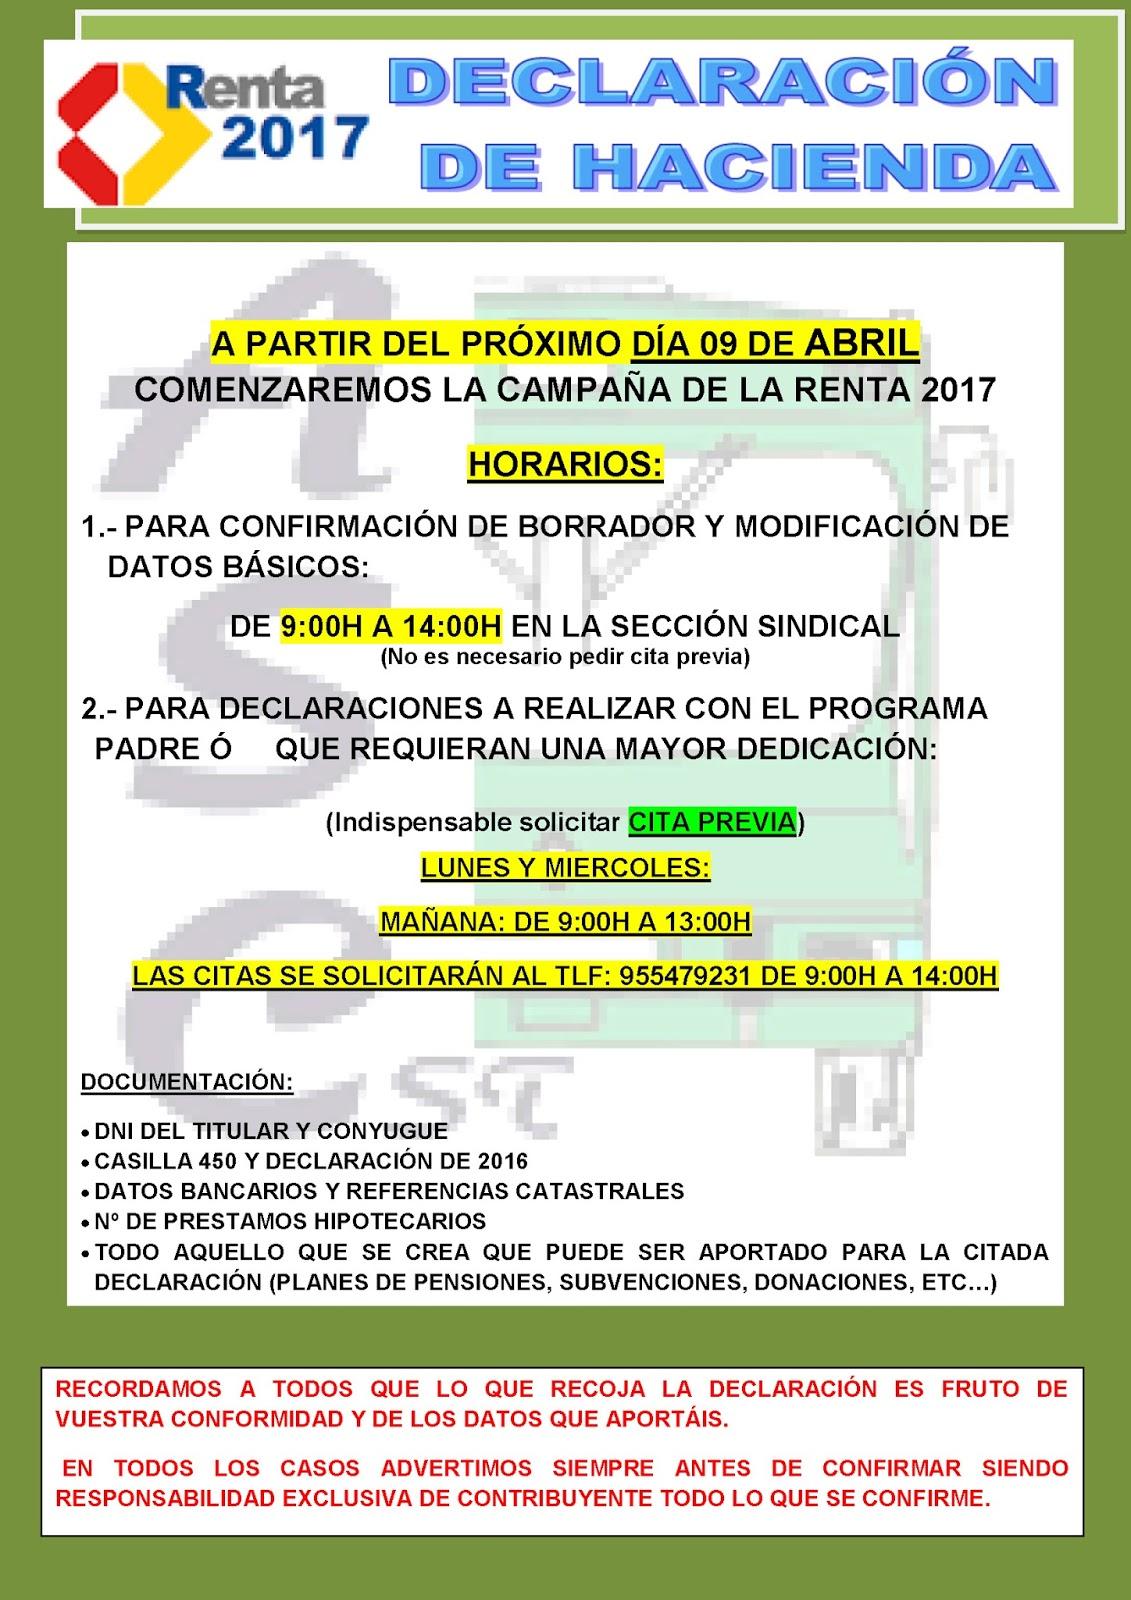 ASC SEVILLA: CAMPAÑA DECLARACIÓN HACIENDA 2017